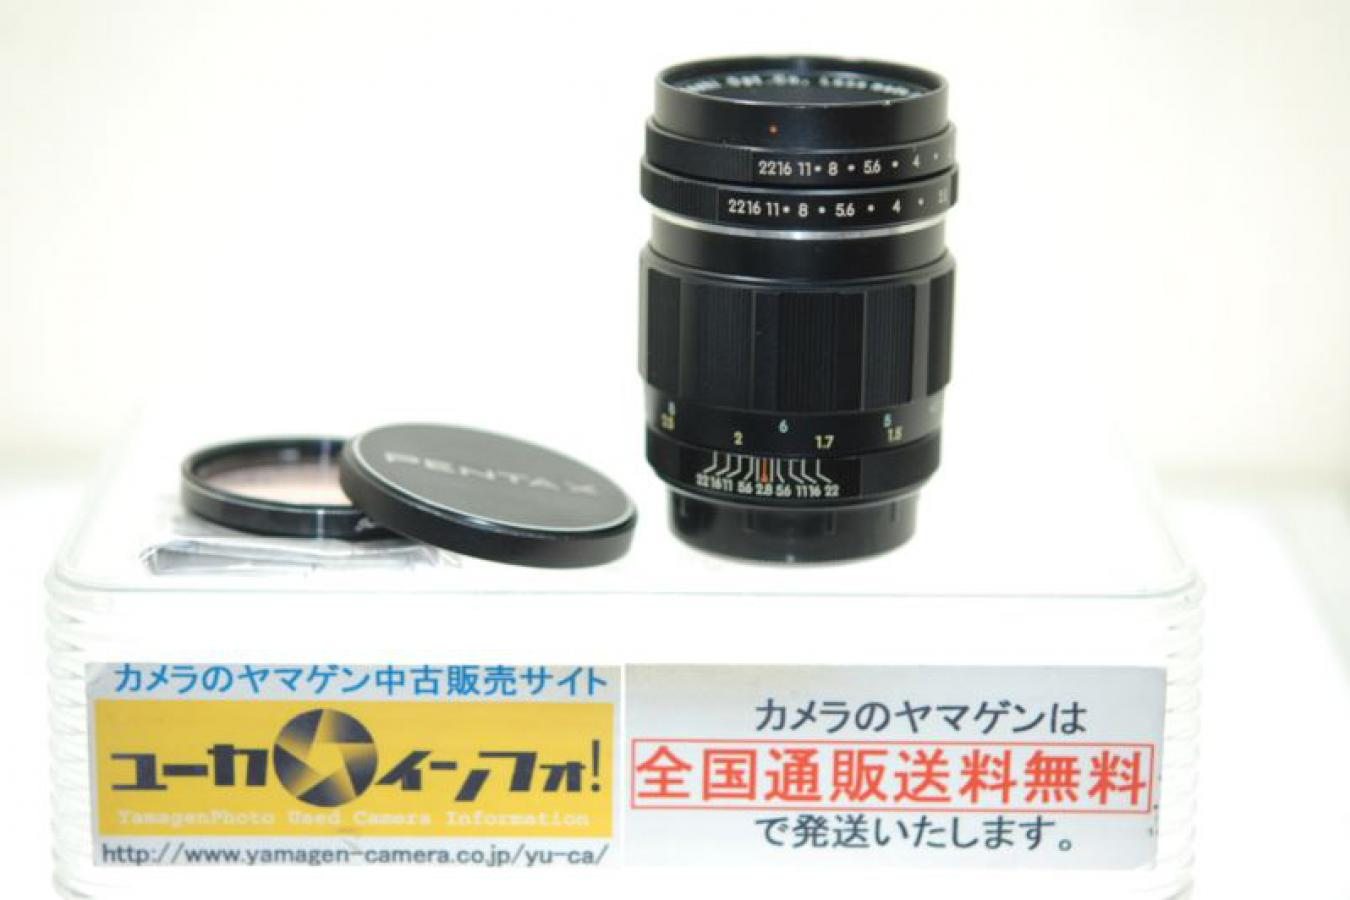 ペンタックス タクマー 105mm F2.8 OH済 49mmSL-1Aフィルター付 【M42マウントレンズ】